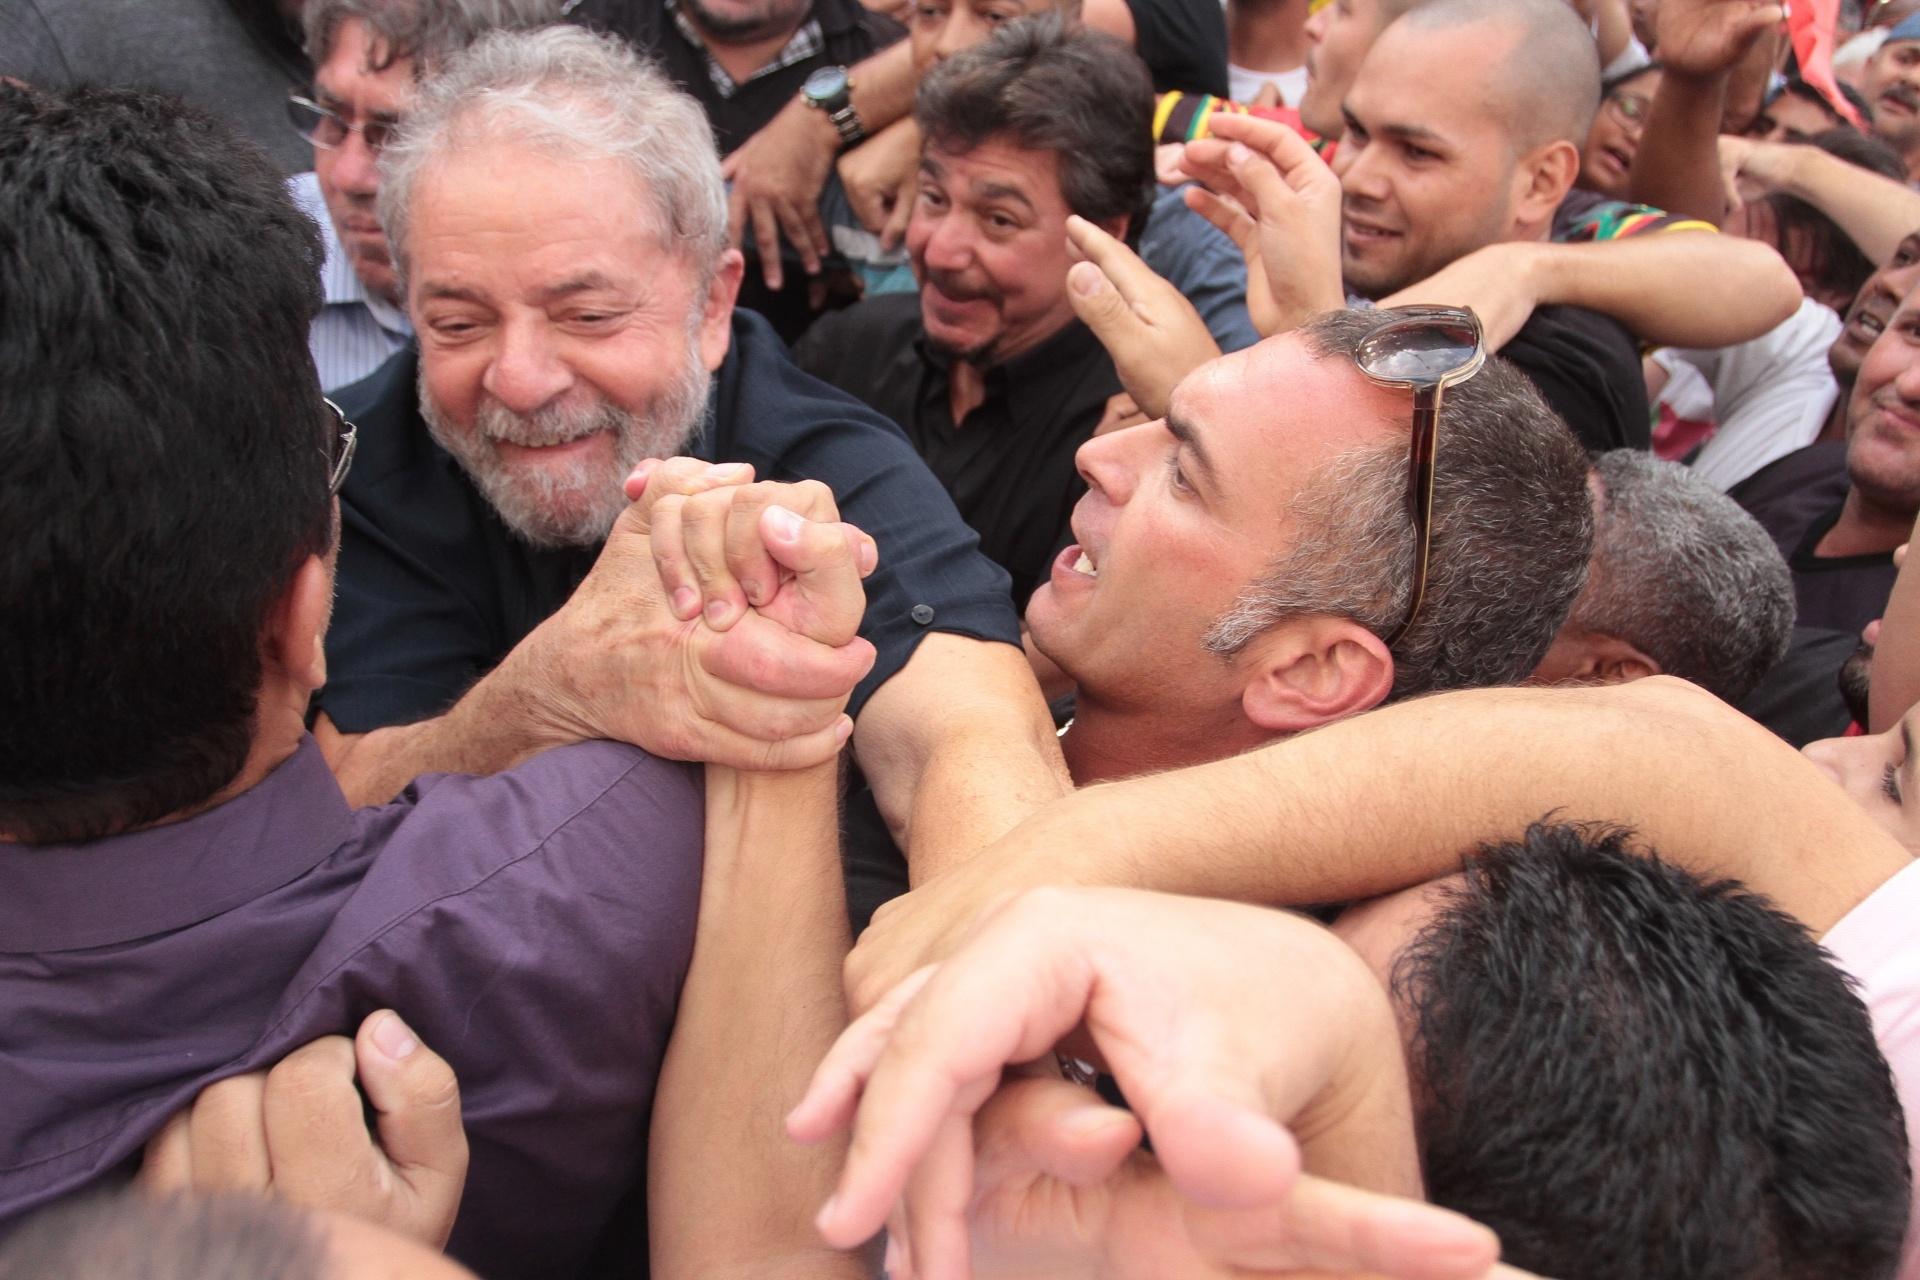 Crise Política – Planalto afirma que Lula assinou termo de posse porque poderia estar ausente